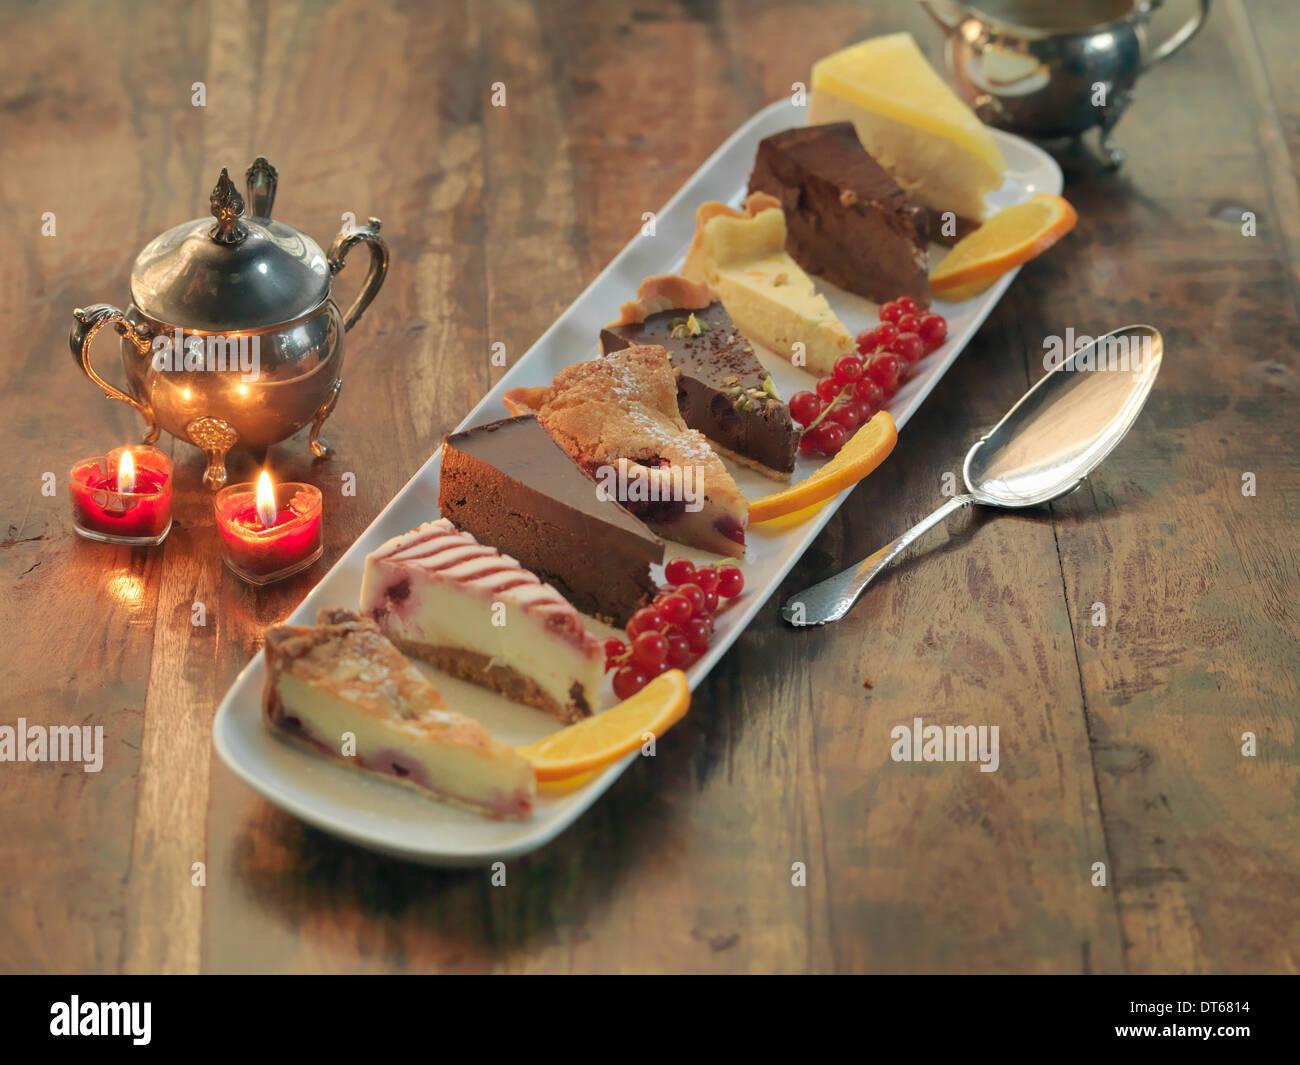 Gemischte Platte mit Kuchen und Torten unter festliche Dekorationen Stockbild